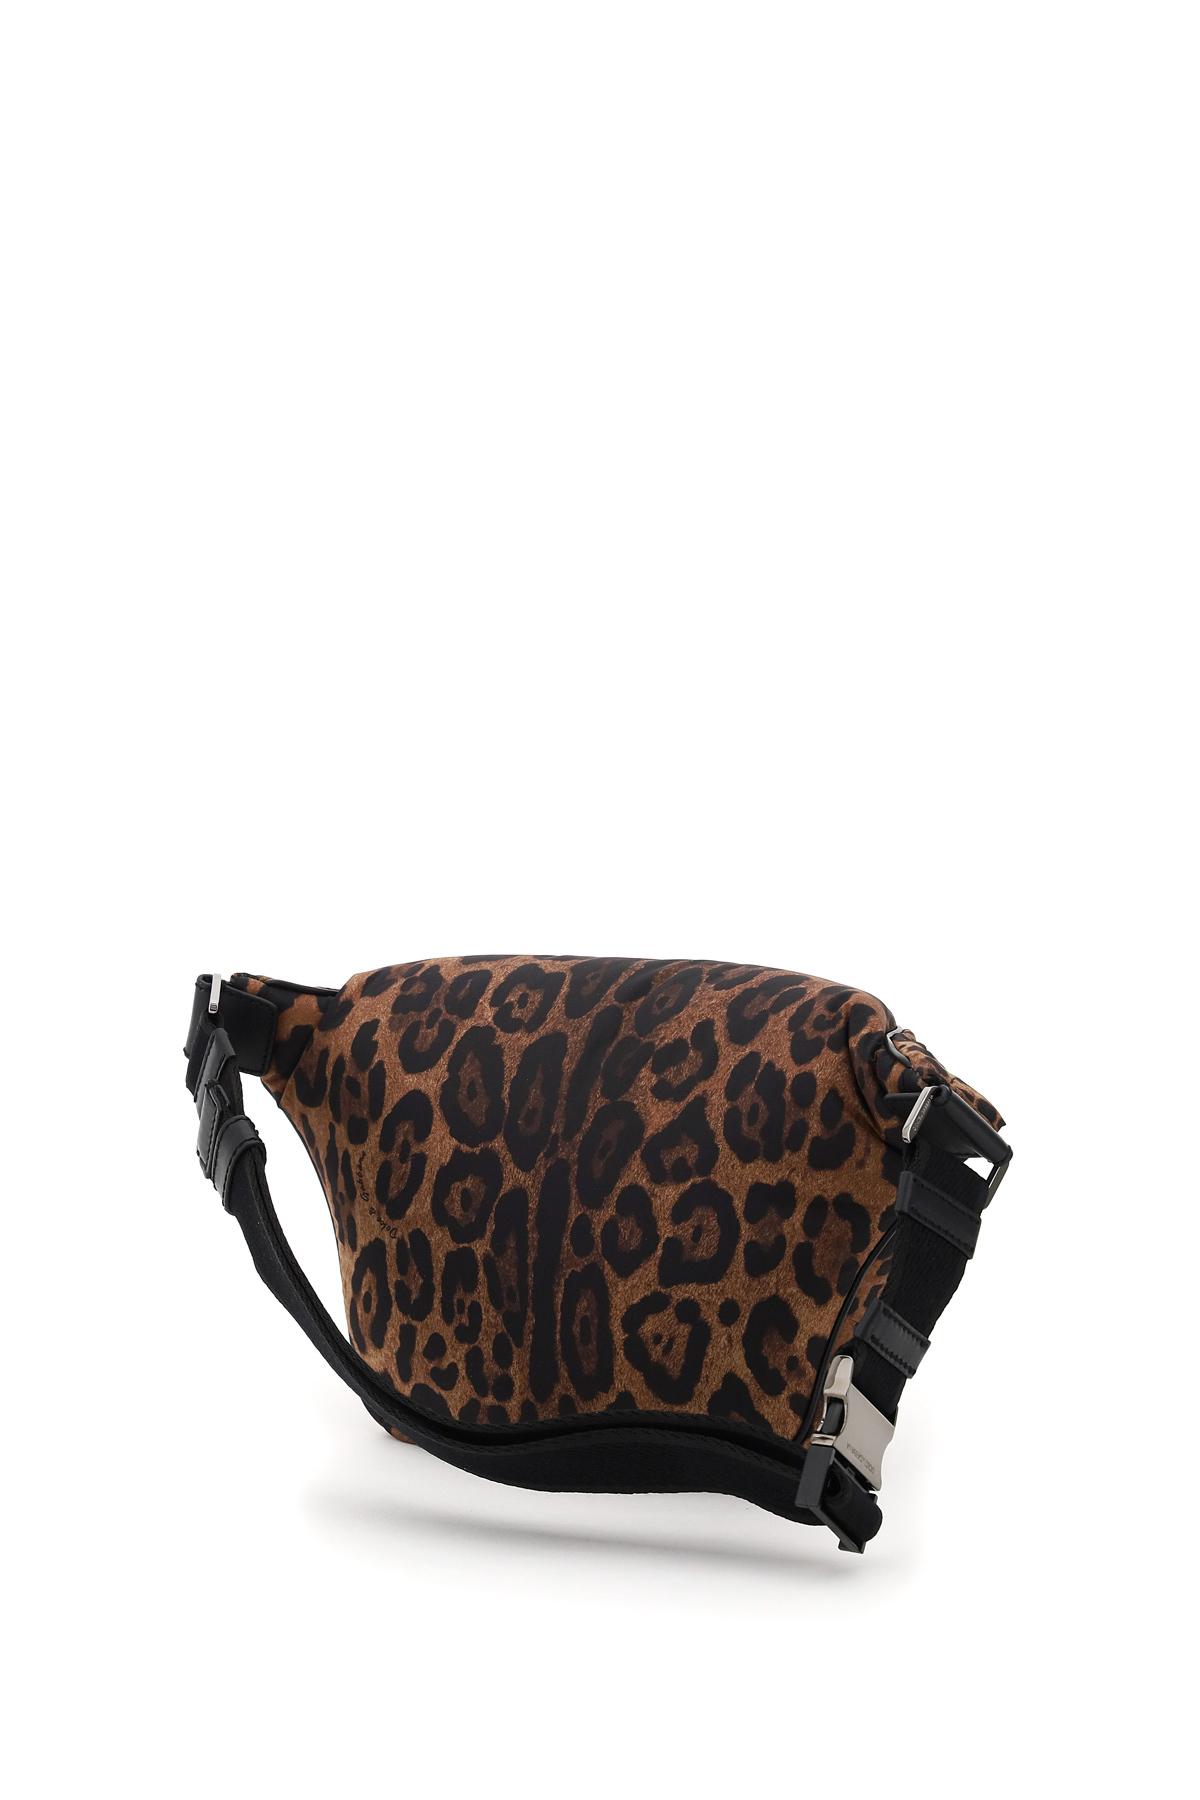 Dolce & gabbana marsupio sicily in nylon leopardato